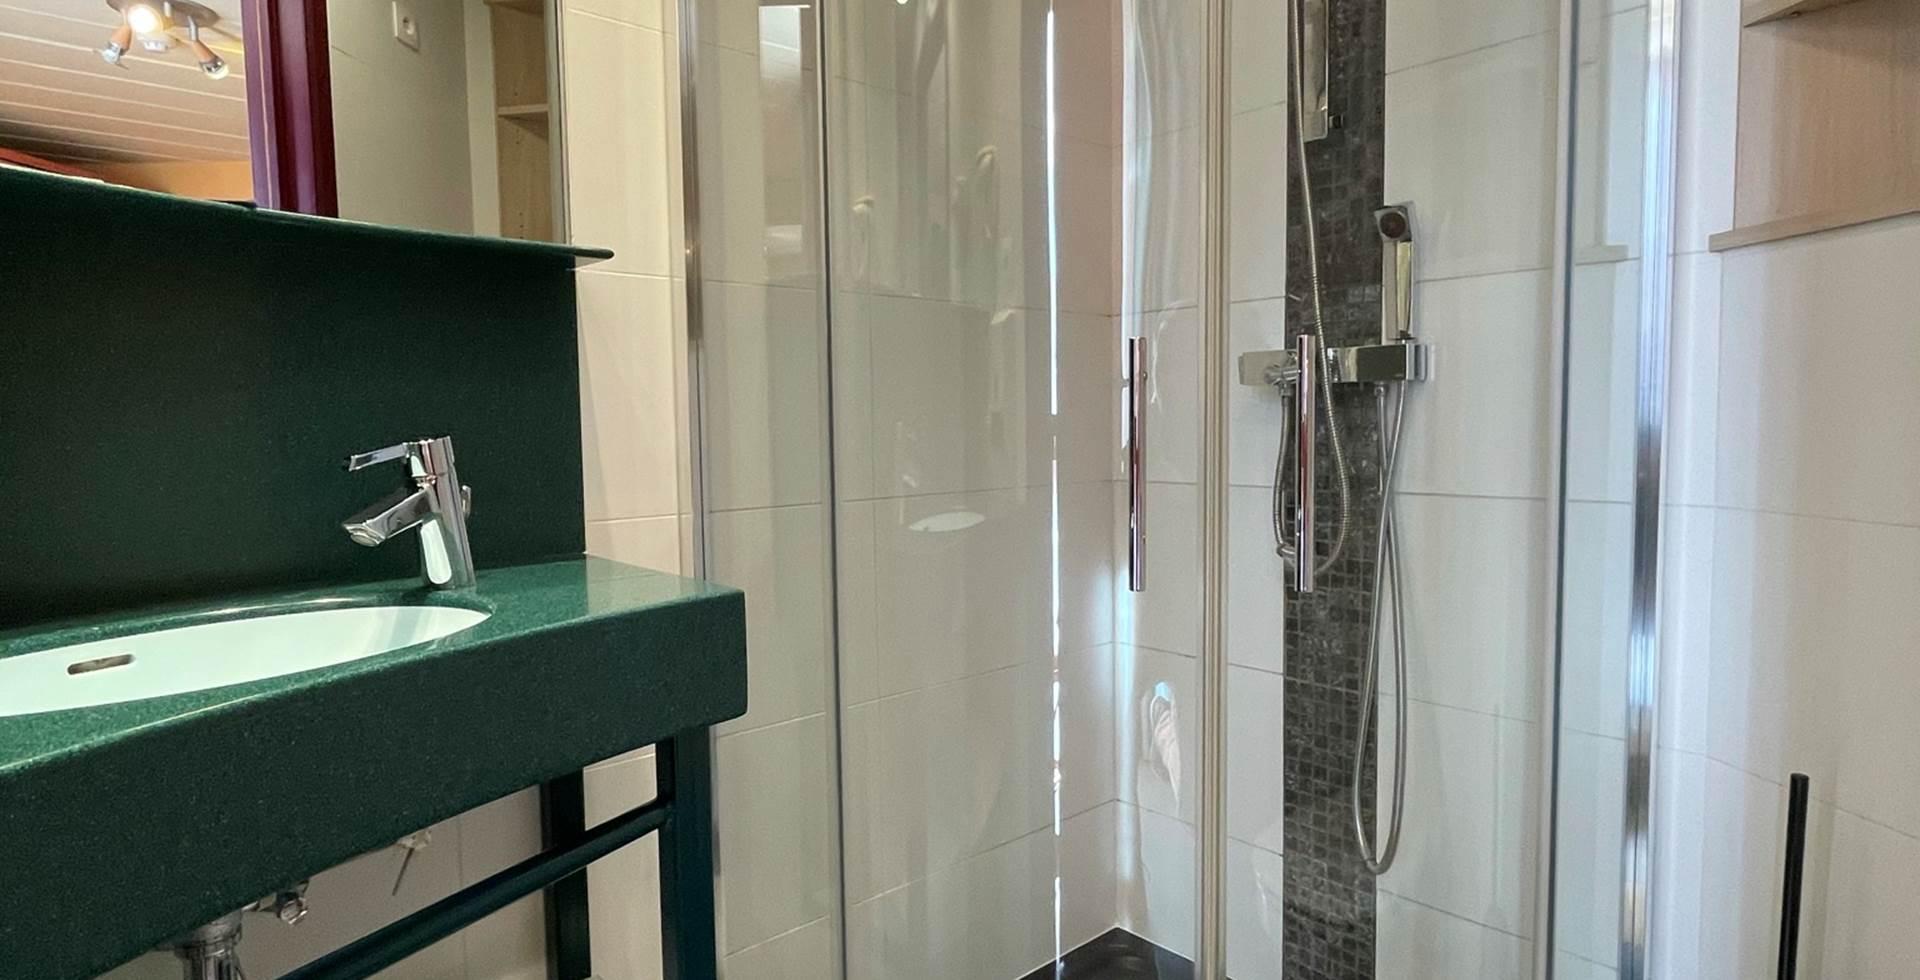 Salle de bain privative des chambres Twin 12 et 22 comprenant une belle douche, un lavabo, un sèche cheveux et toilettes